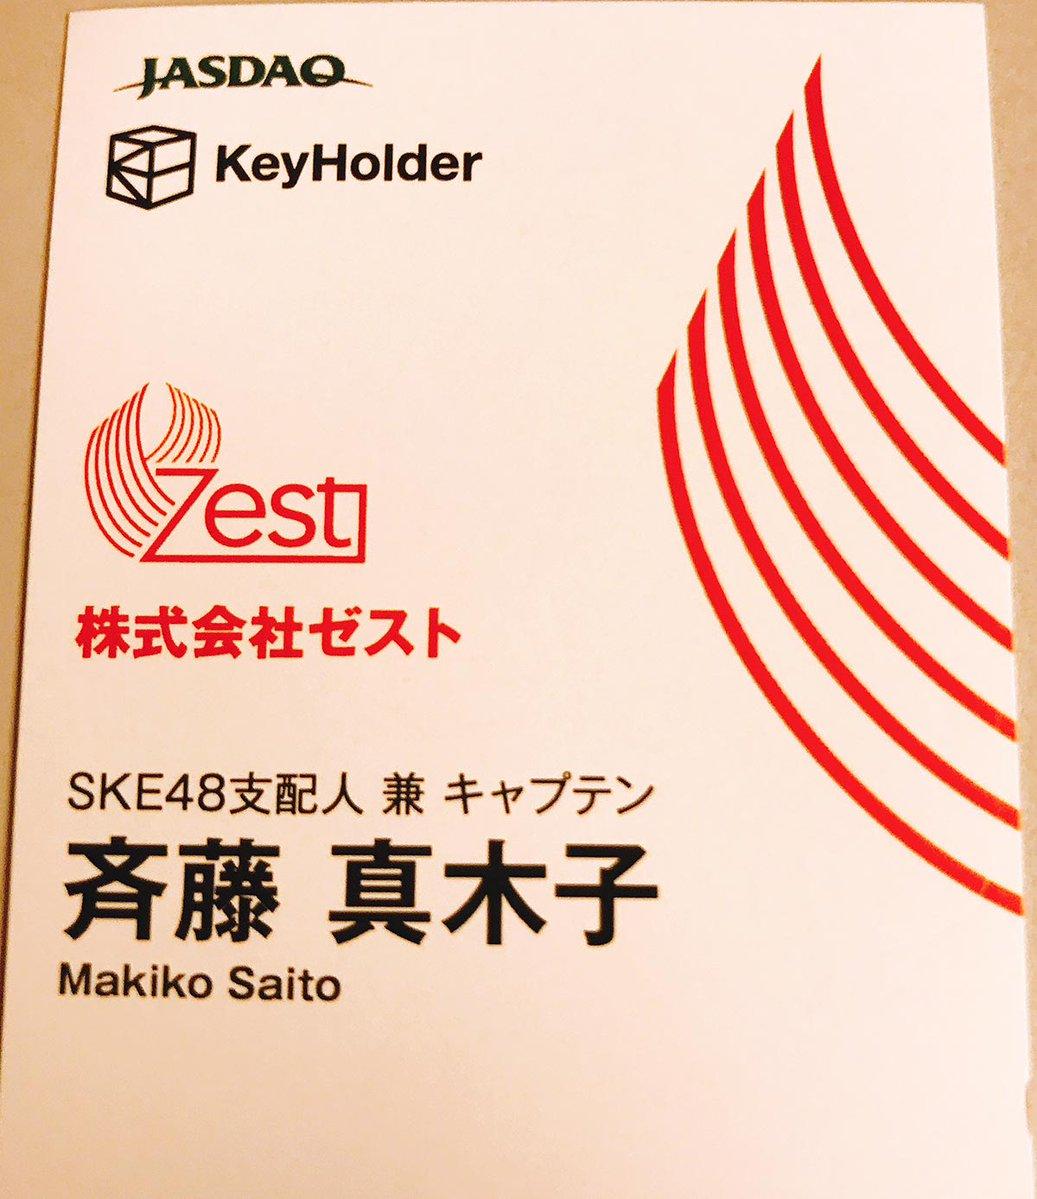 【速報】SKE48支配人交替 新支配人は斉藤真木子!